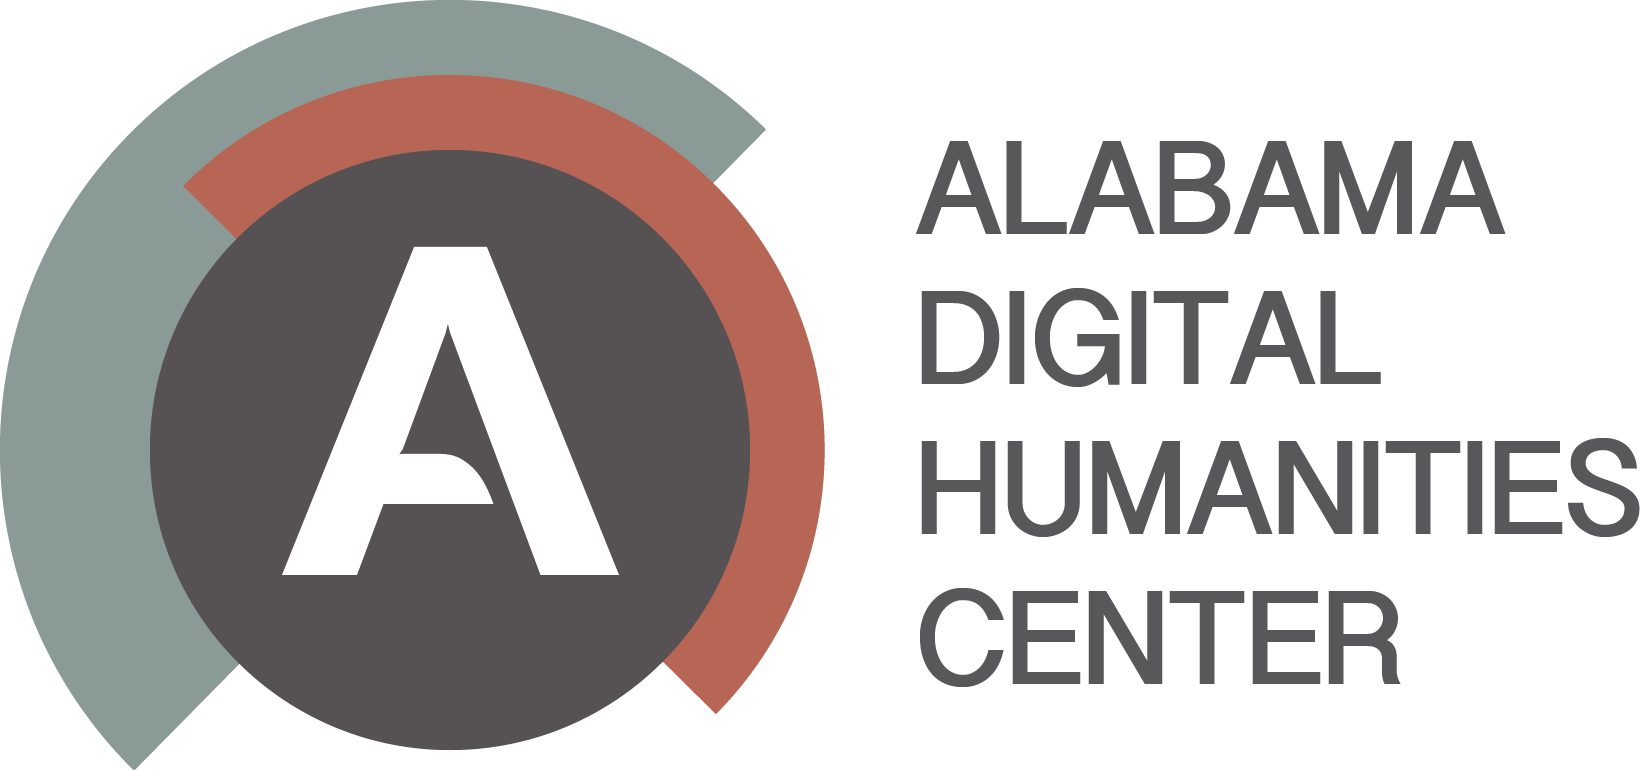 Alabama Digital Humanities Center logo